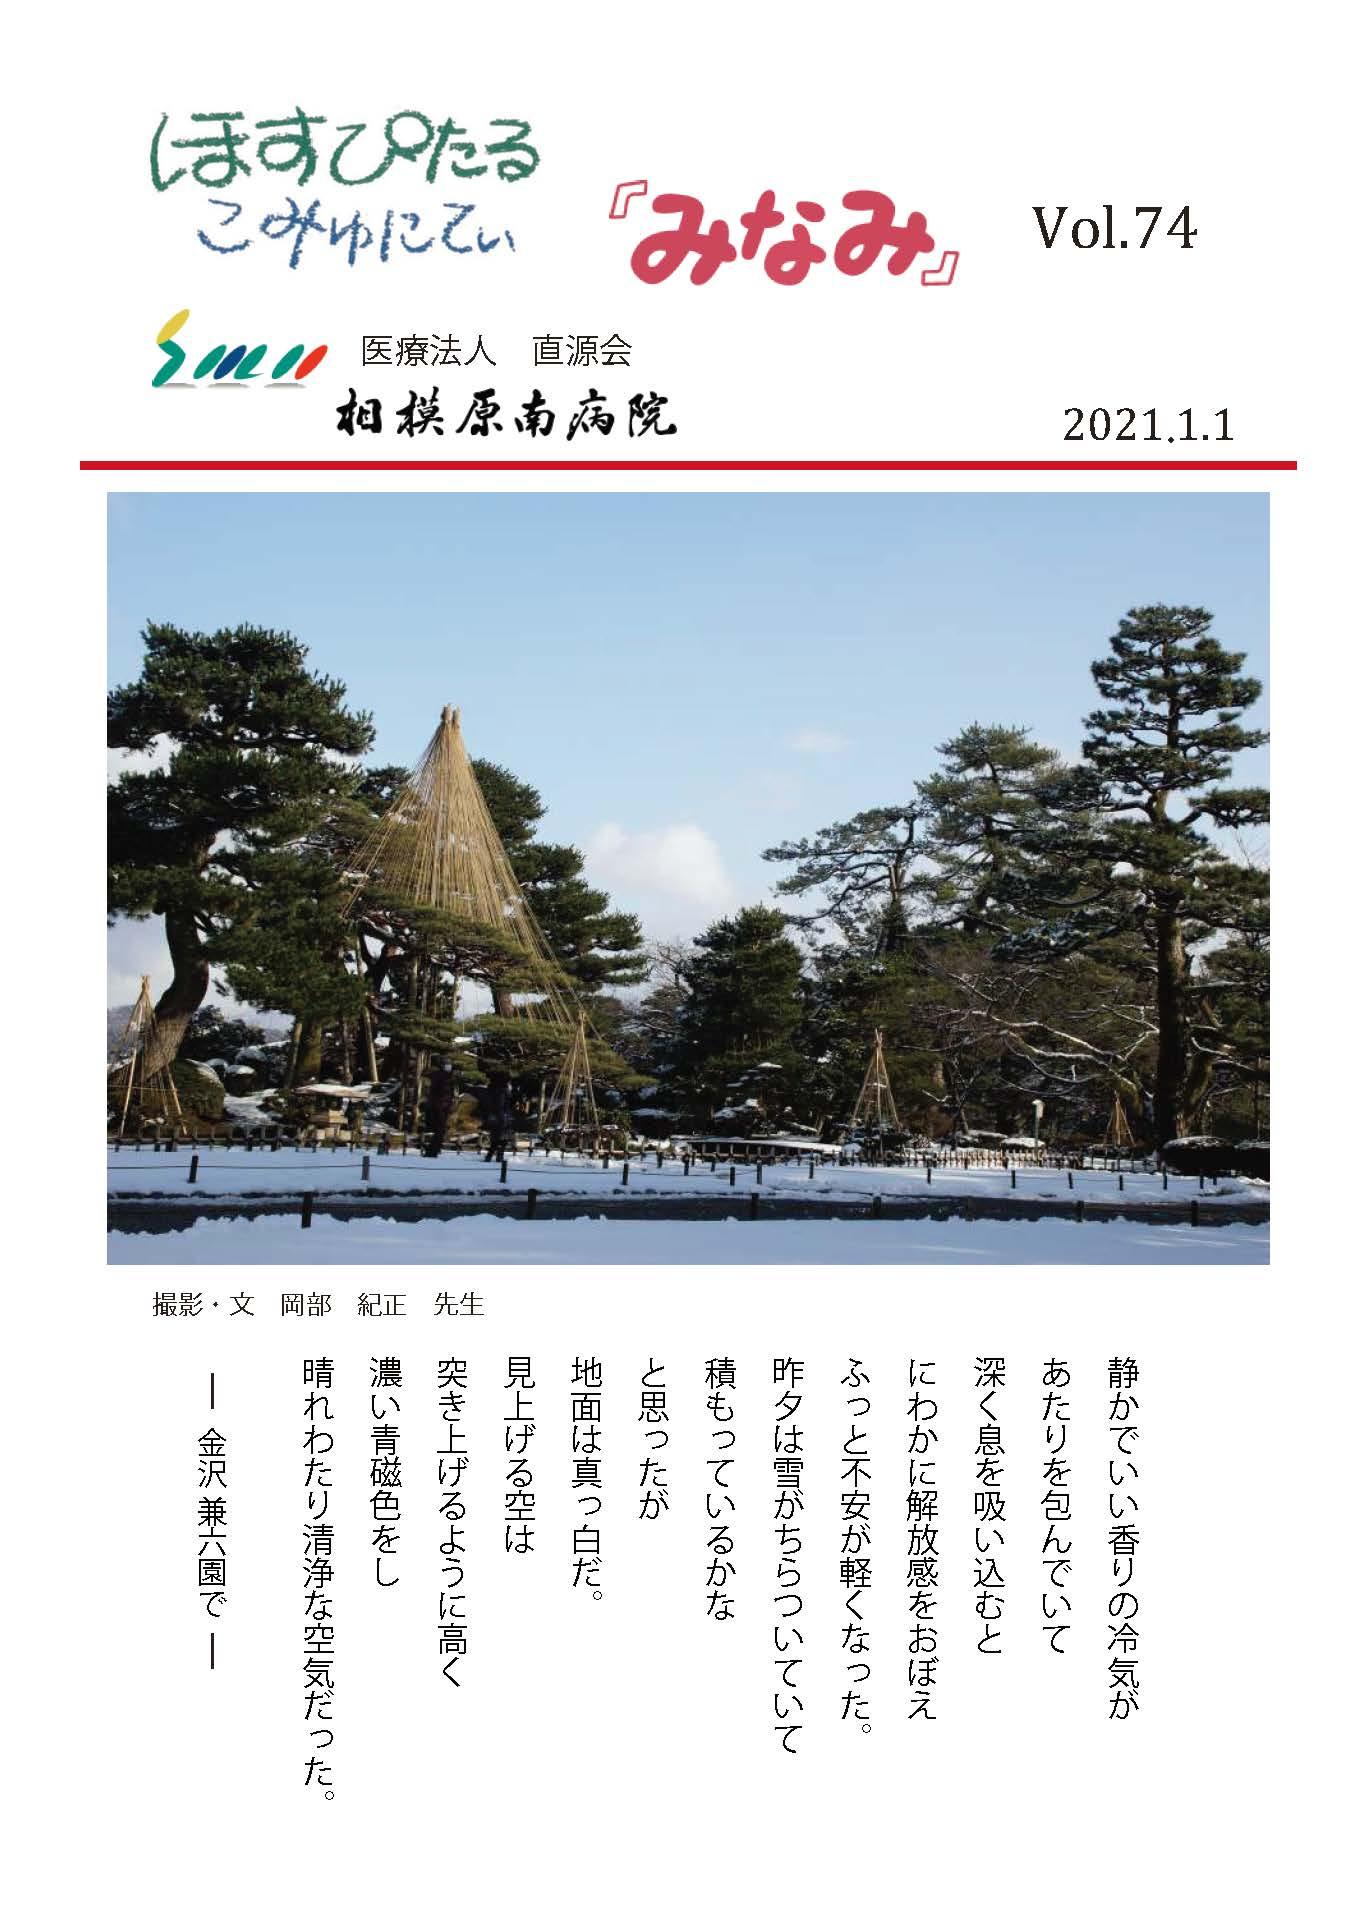 ほすぴたるこみゅにてぃ「みなみ」Vol.74